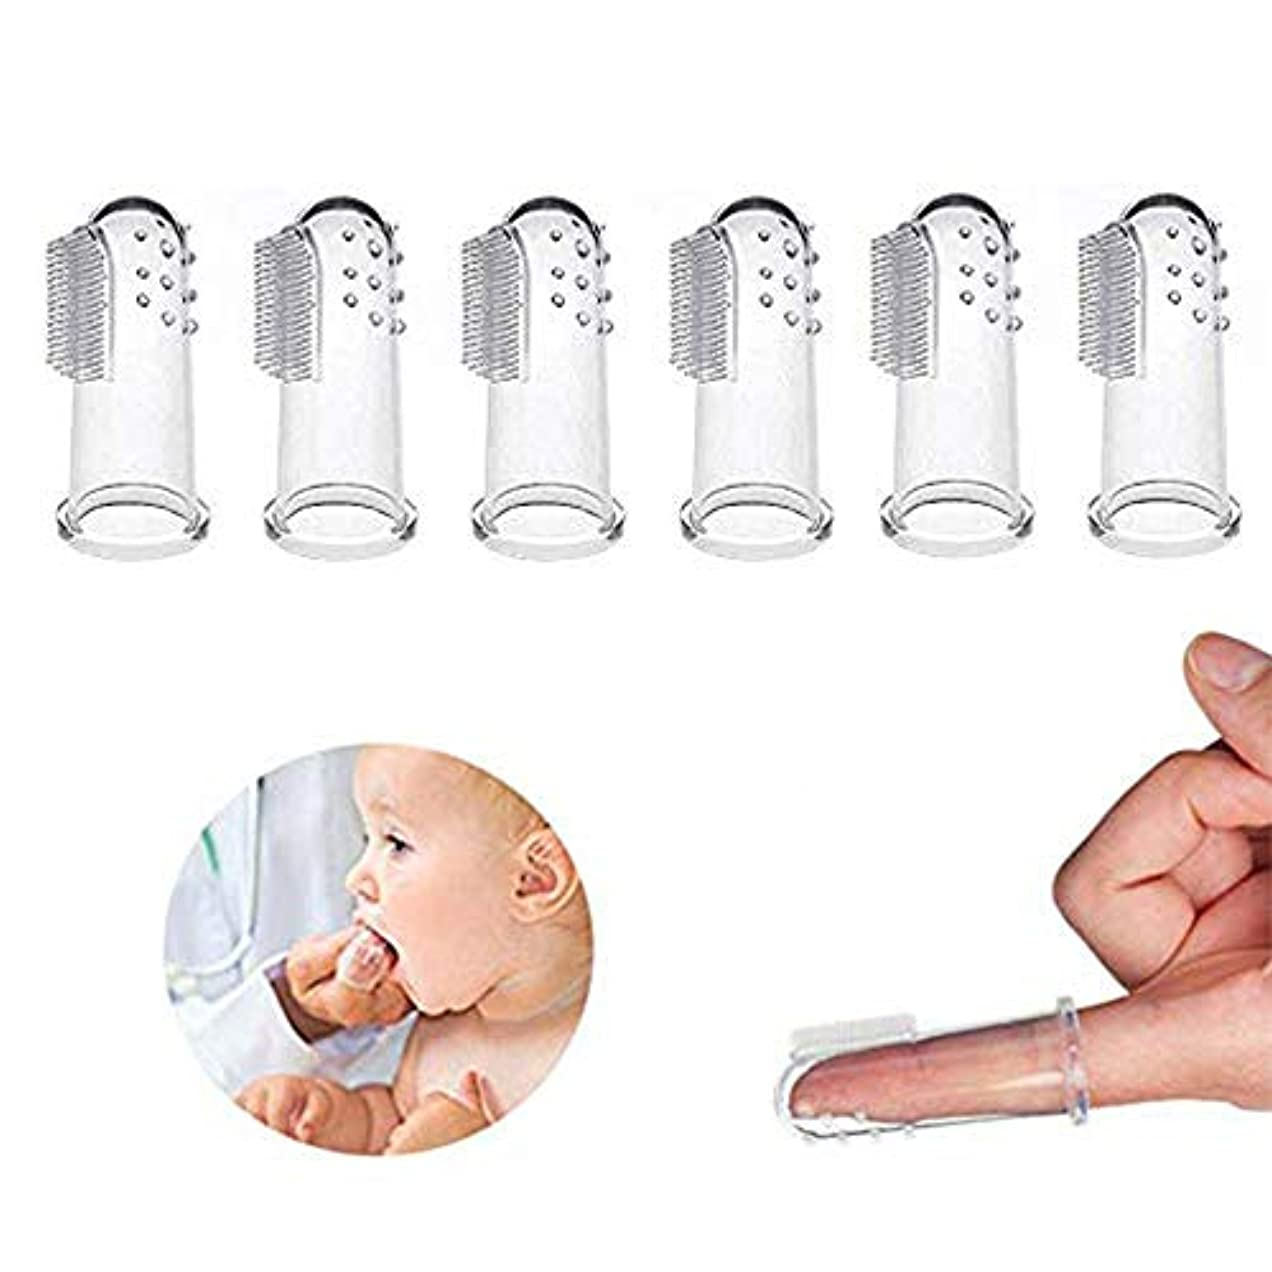 グリース困惑した卑しい幼児歯ブラシ ベビー指歯ブラシ 指歯ブラシ 乳歯清潔 口腔ケア ケース付き ベビーフィンガーブラ 乳児幼児子供用シリコーンソフトオーラルマッサージャージェントルケア 6本セット (ホワイト)